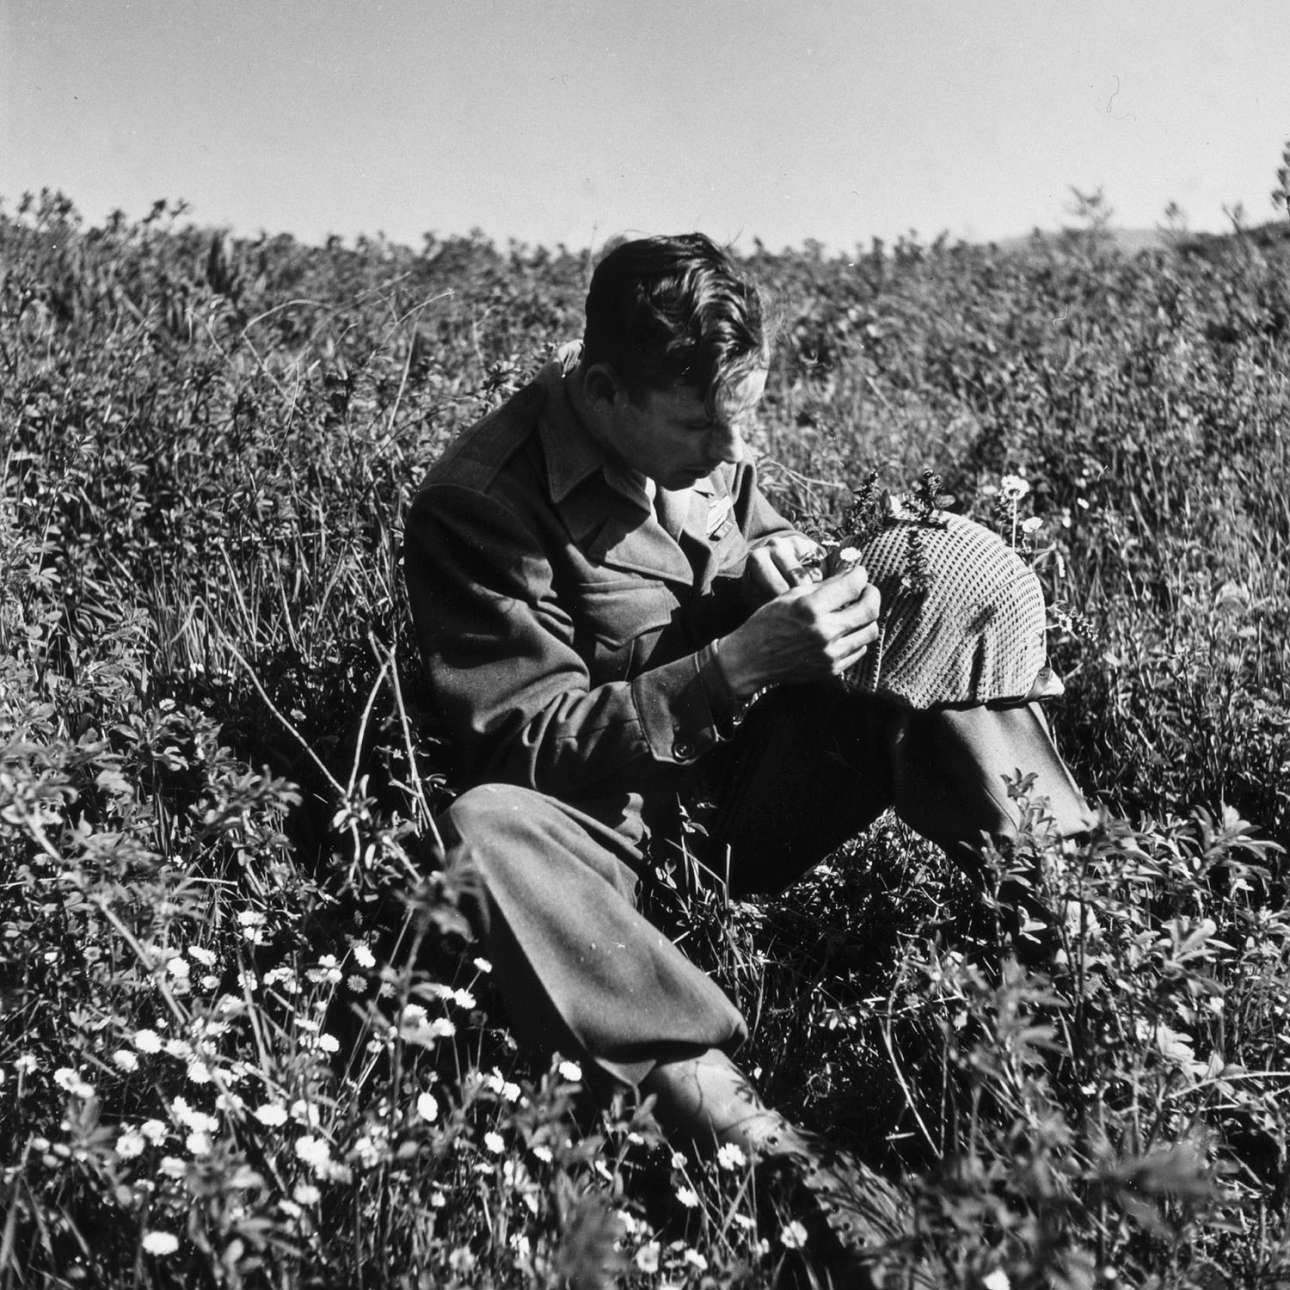 Αμερικανός στρατιώτης μαζεύει λουλούδια την Κυριακή του Πάσχα, το 1945, στην Ιταλία